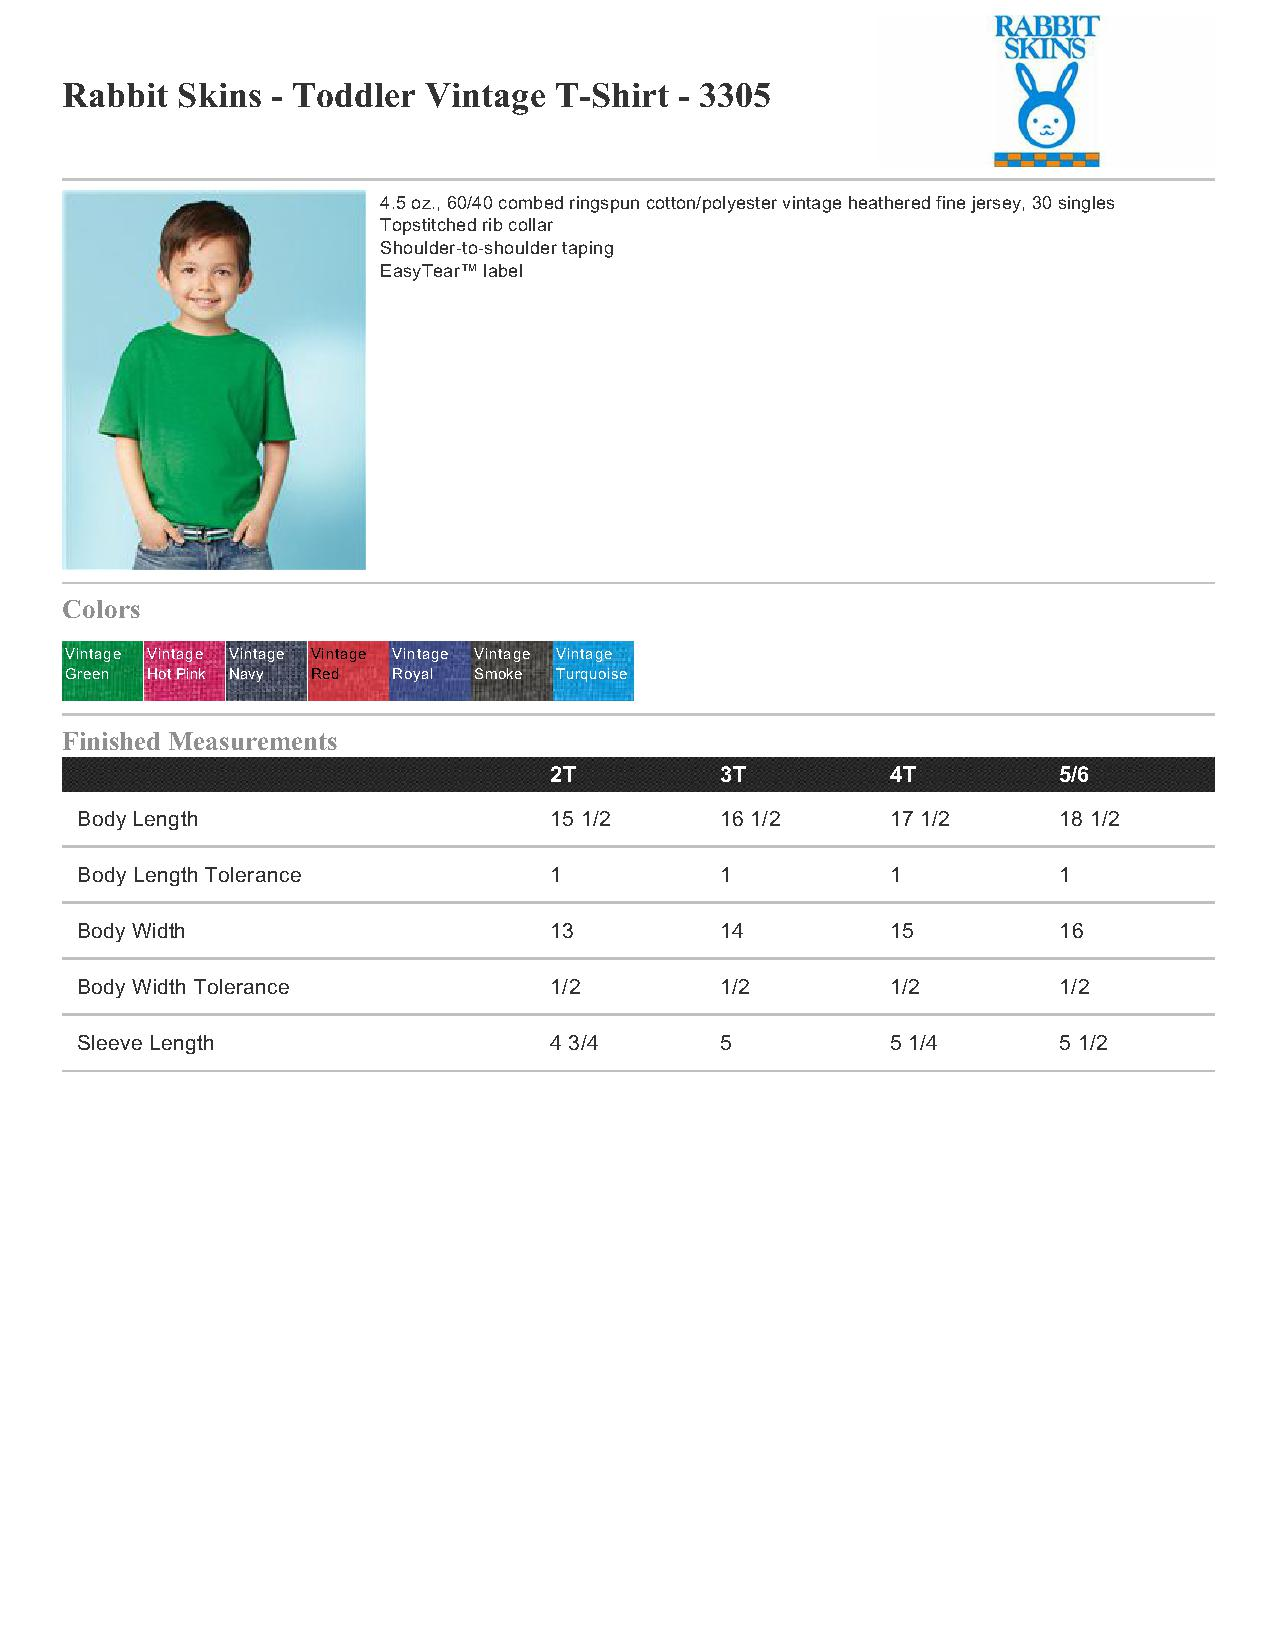 865e92891 Rabbit Skins Toddler Vintage T-Shirt - 3305 $3.37 - Infant & Toddler